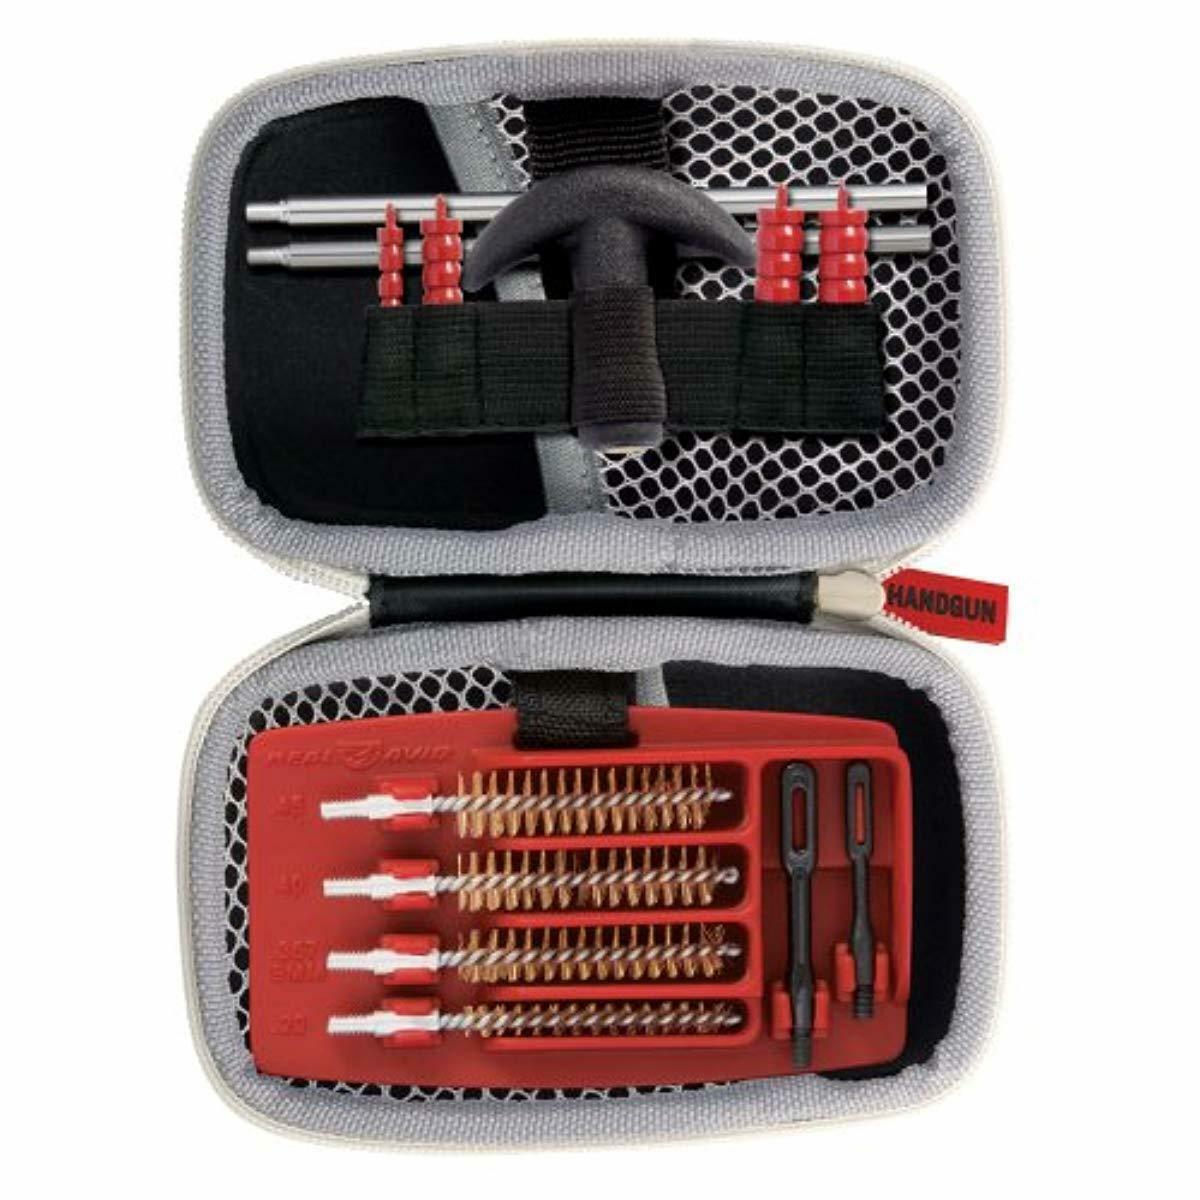 Real Avid Gun Boss Handgun Cleaning Kit for .22 .357 9MM .38